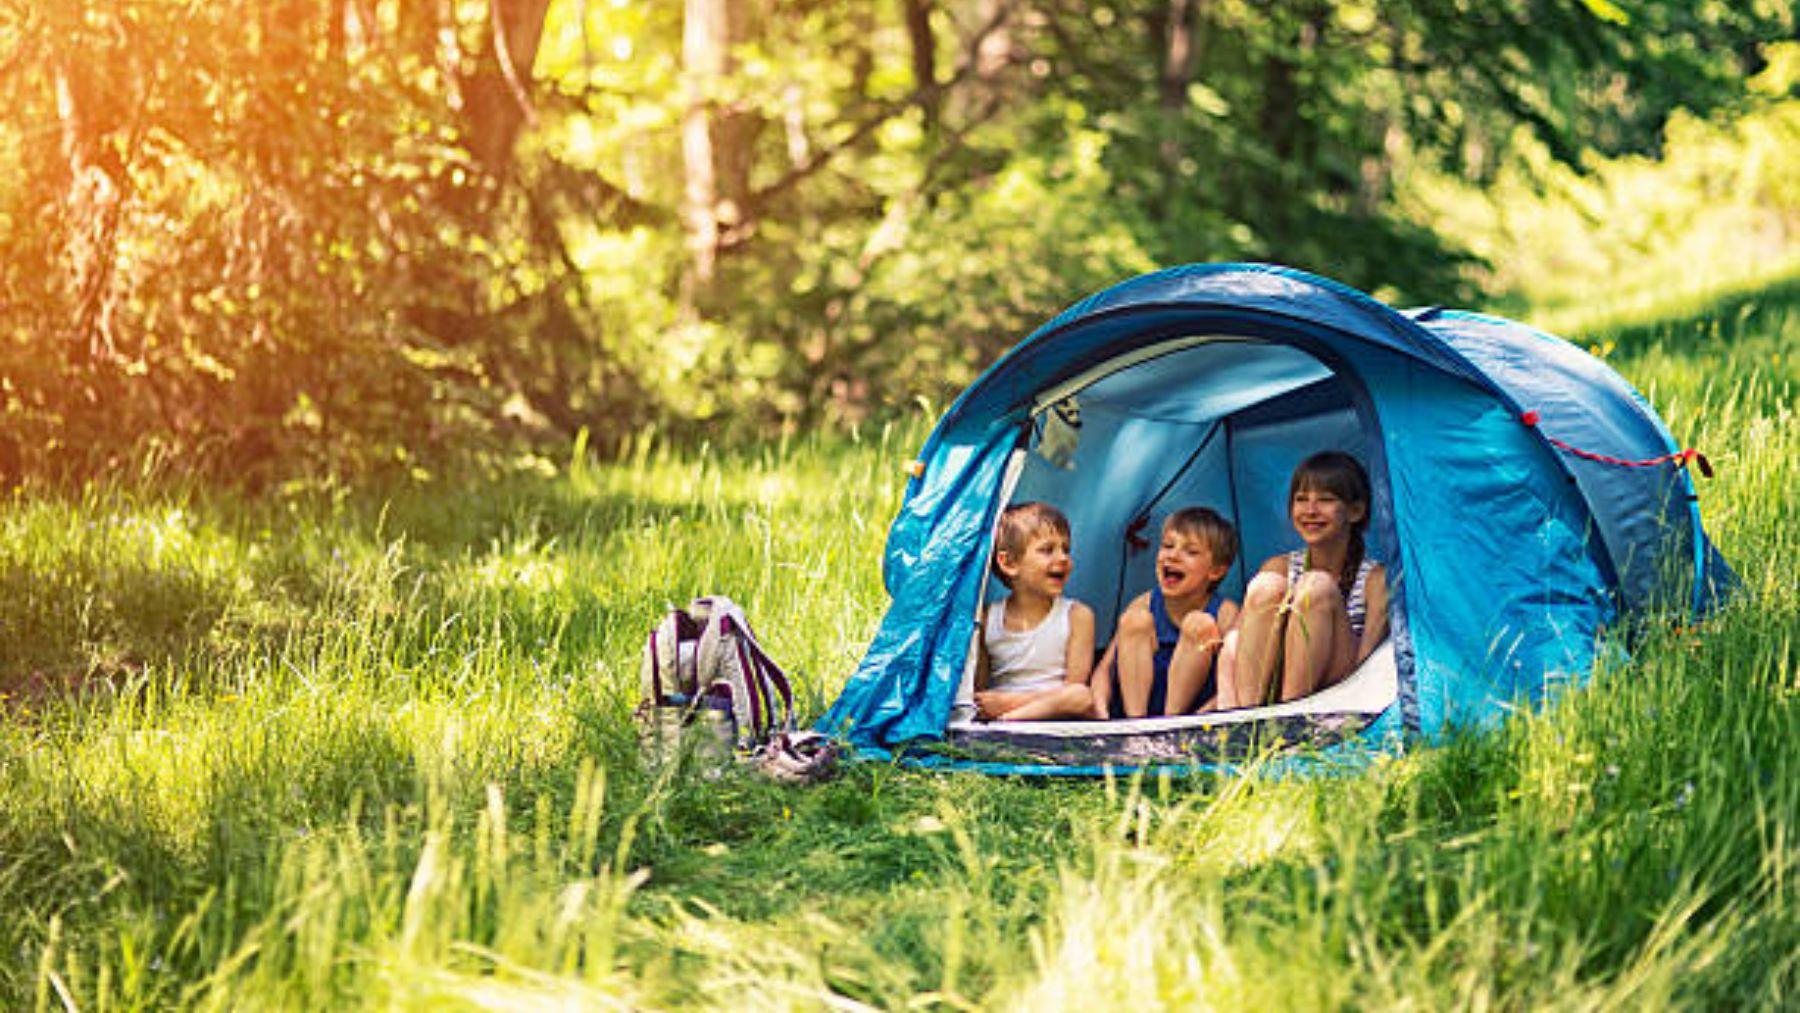 Lo que no debe faltarte si vas de acampada con los niños